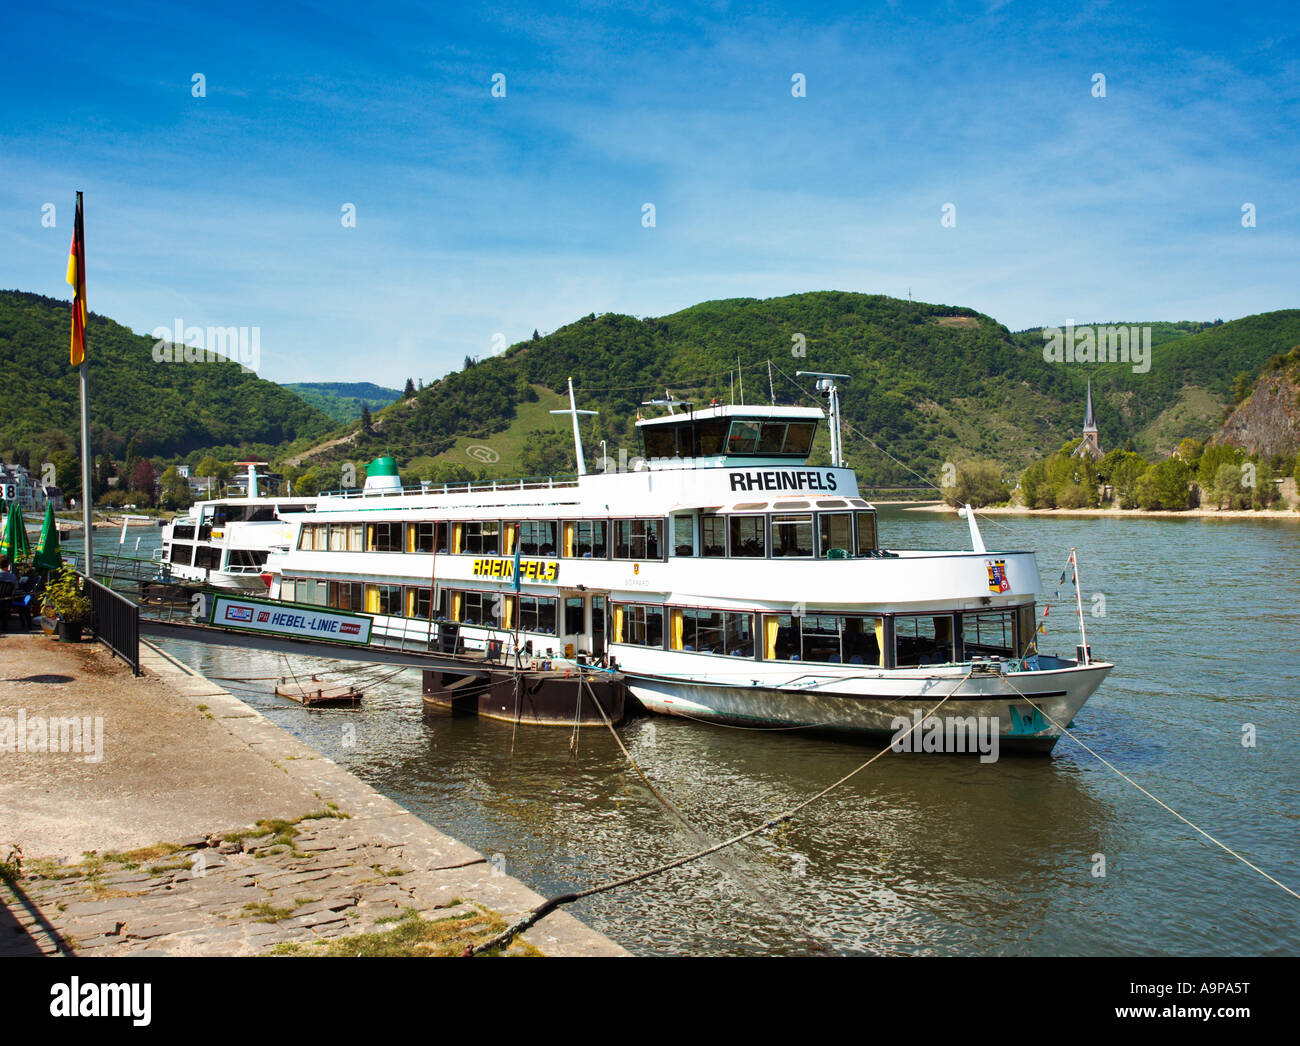 Germania - crociera sul fiume Reno barca ancorata al fronte fiume a Boppard sul fiume Reno Germania Europa Immagini Stock